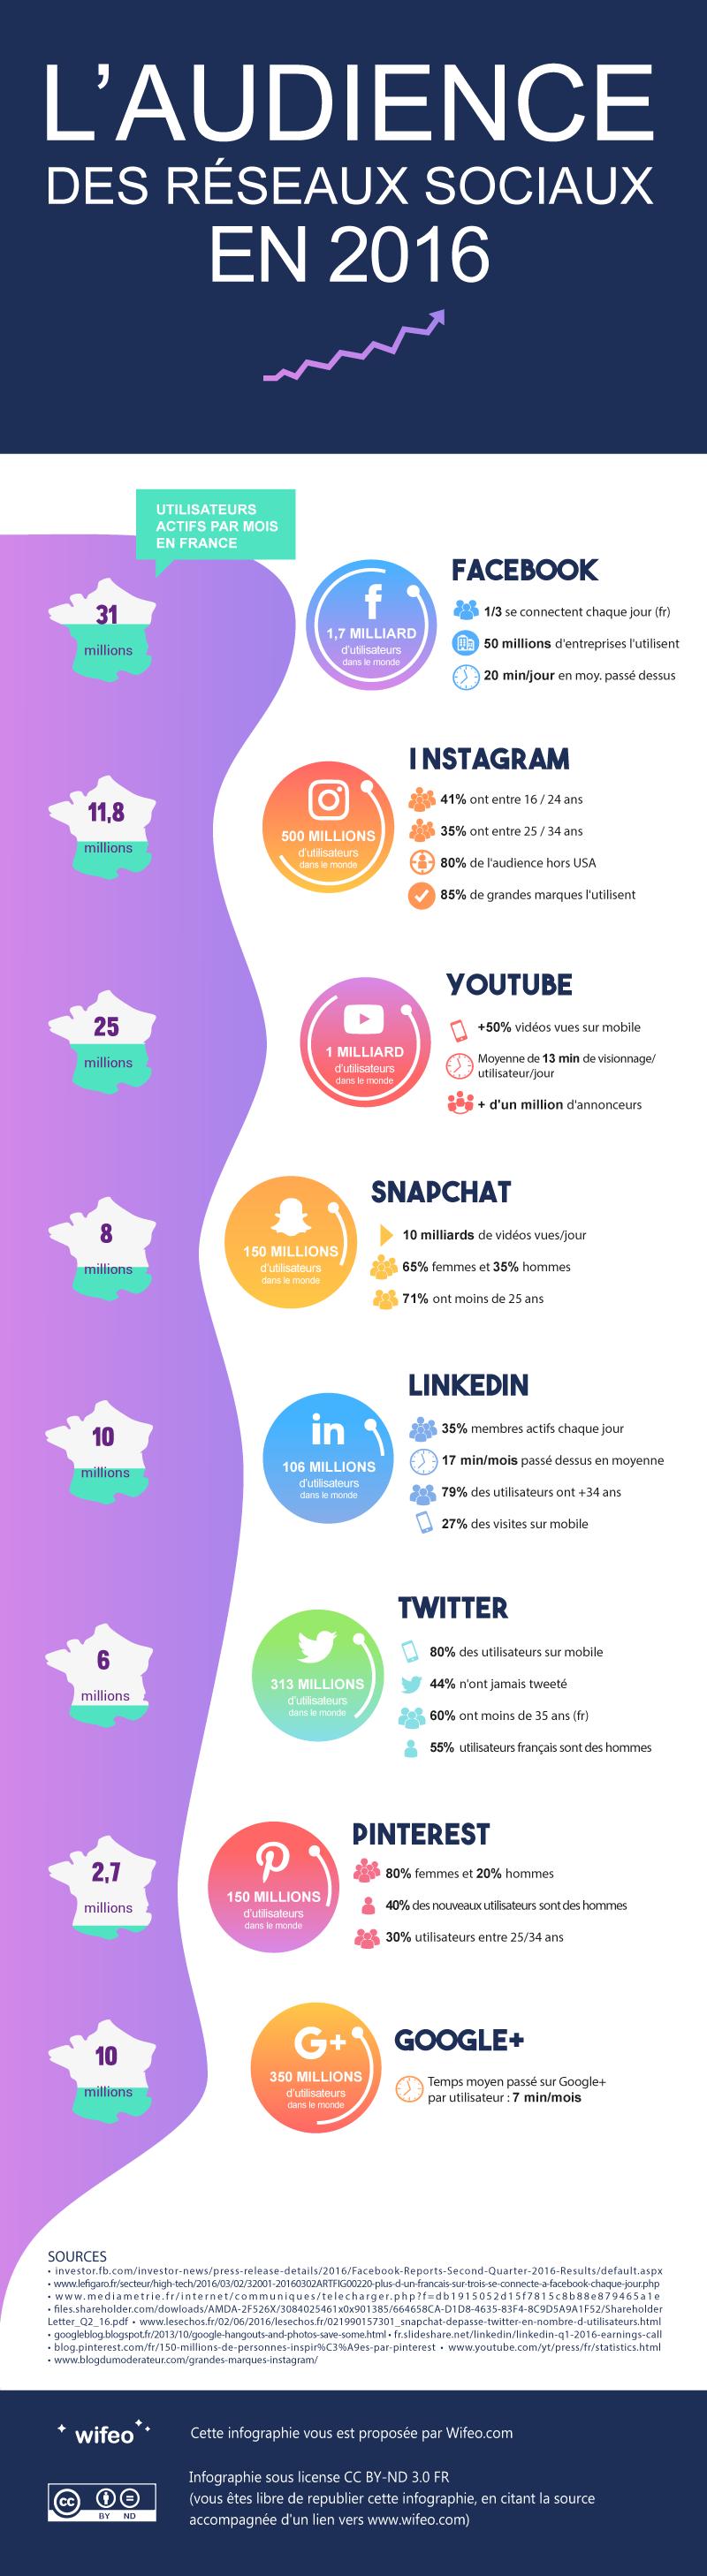 Audience des réseaux sociaux Facebook LinkedIn